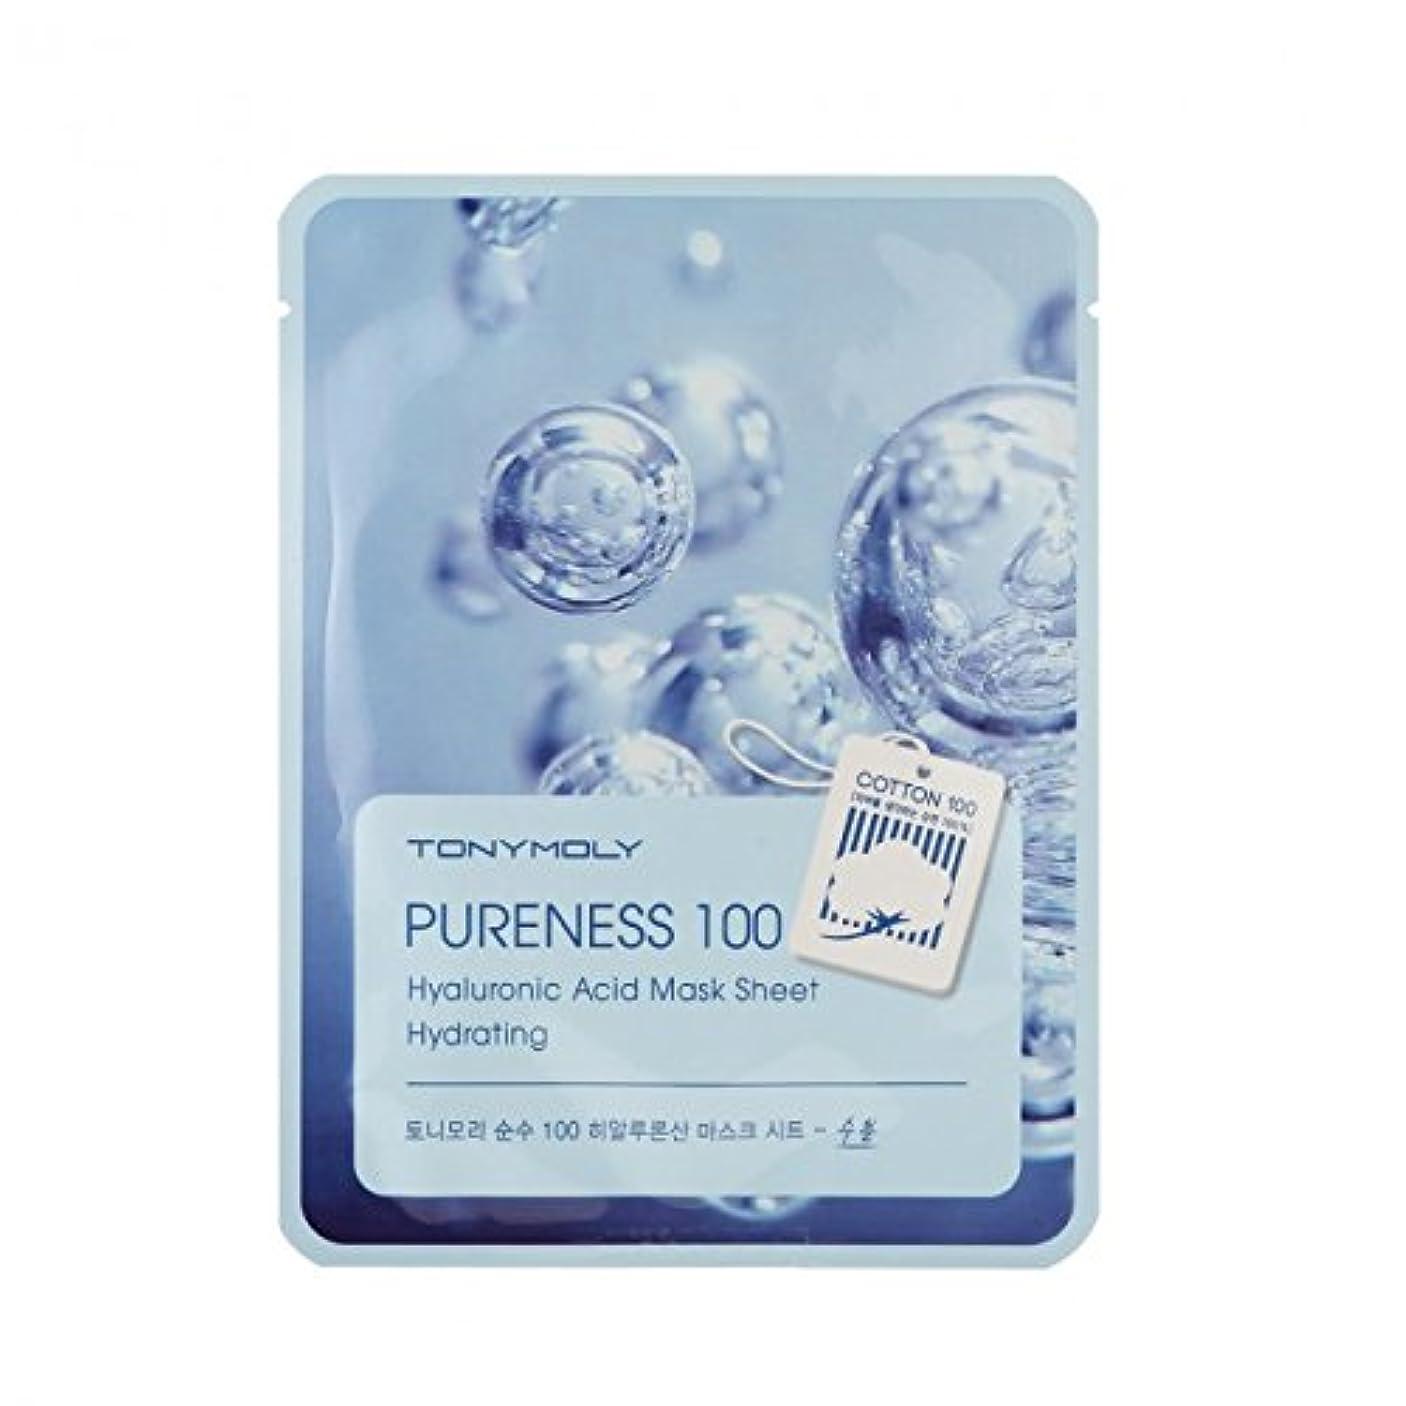 胚芽厚くする発行(3 Pack) TONYMOLY Pureness 100 Hyaluronic Acid Mask Sheet Hydrating (並行輸入品)